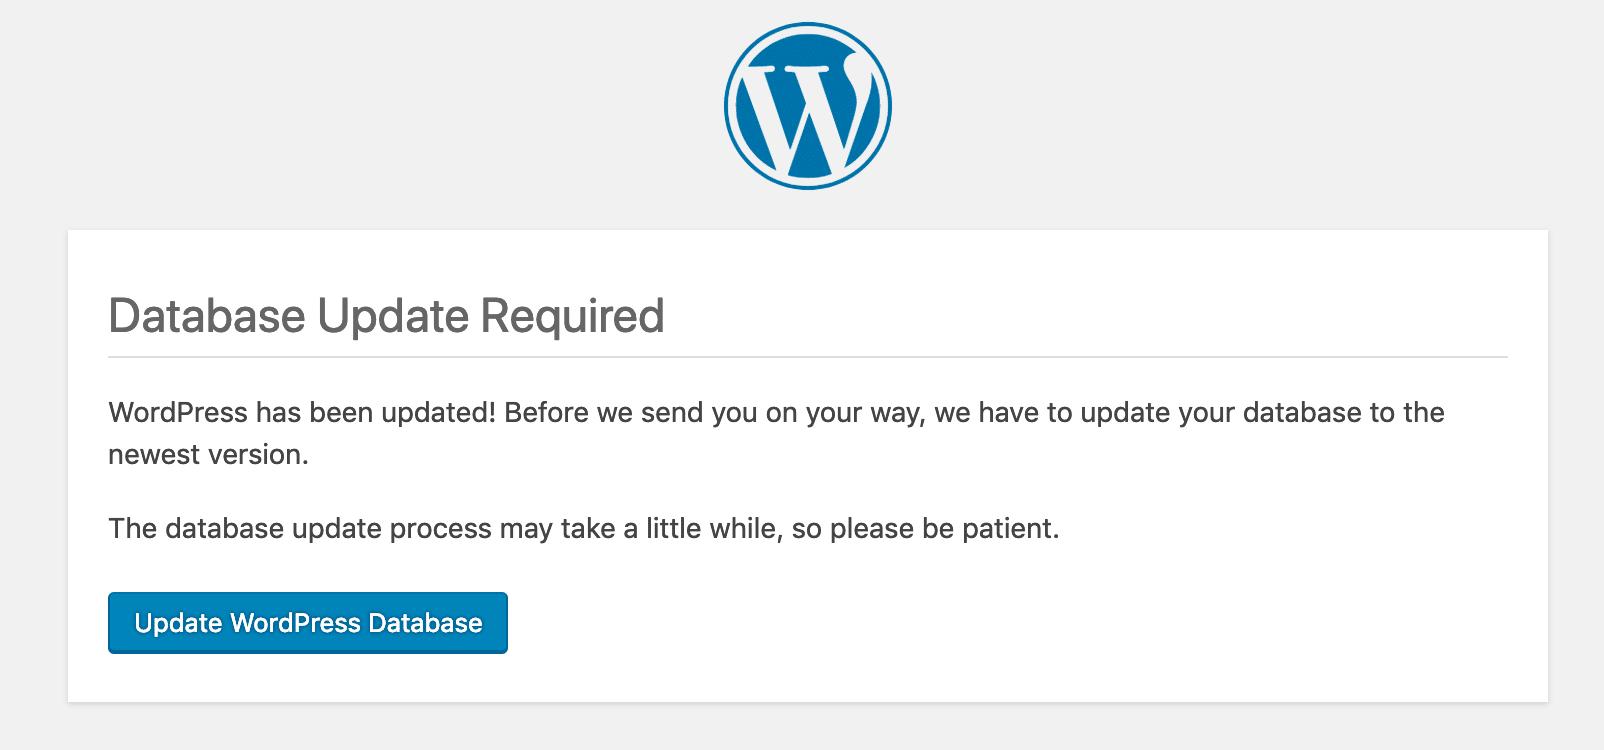 Database bijwerken vereist